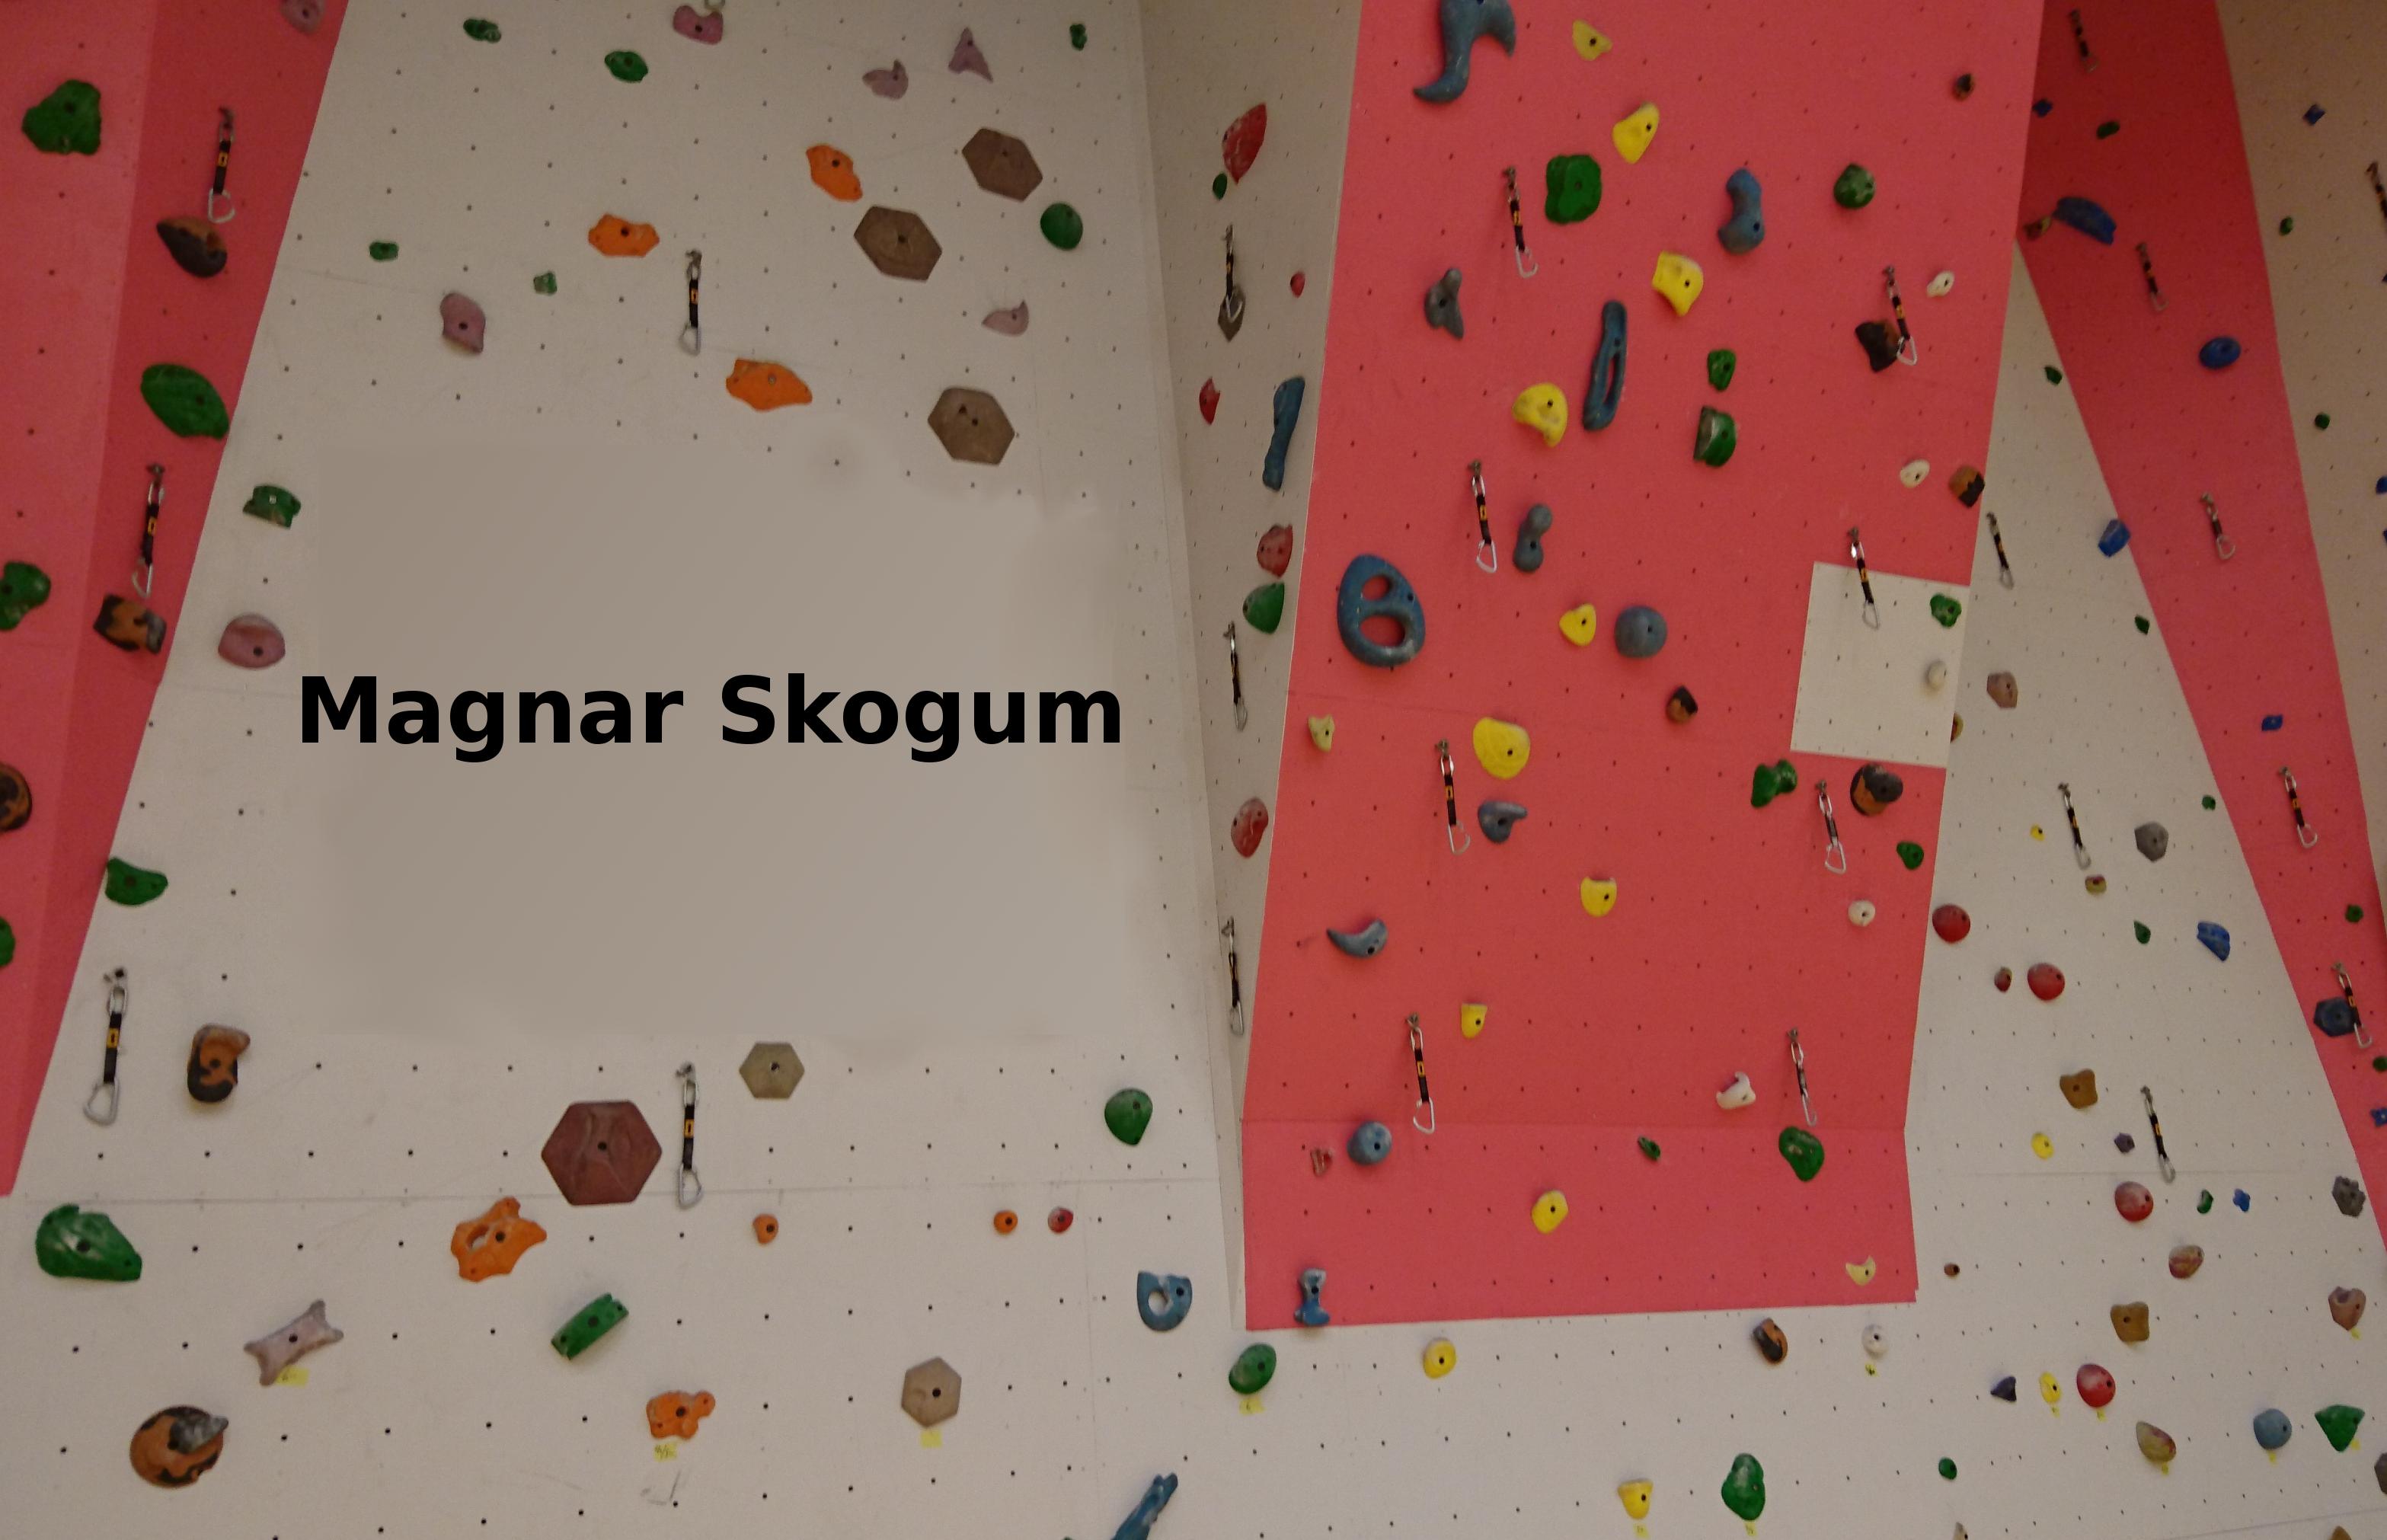 magnar_skogum